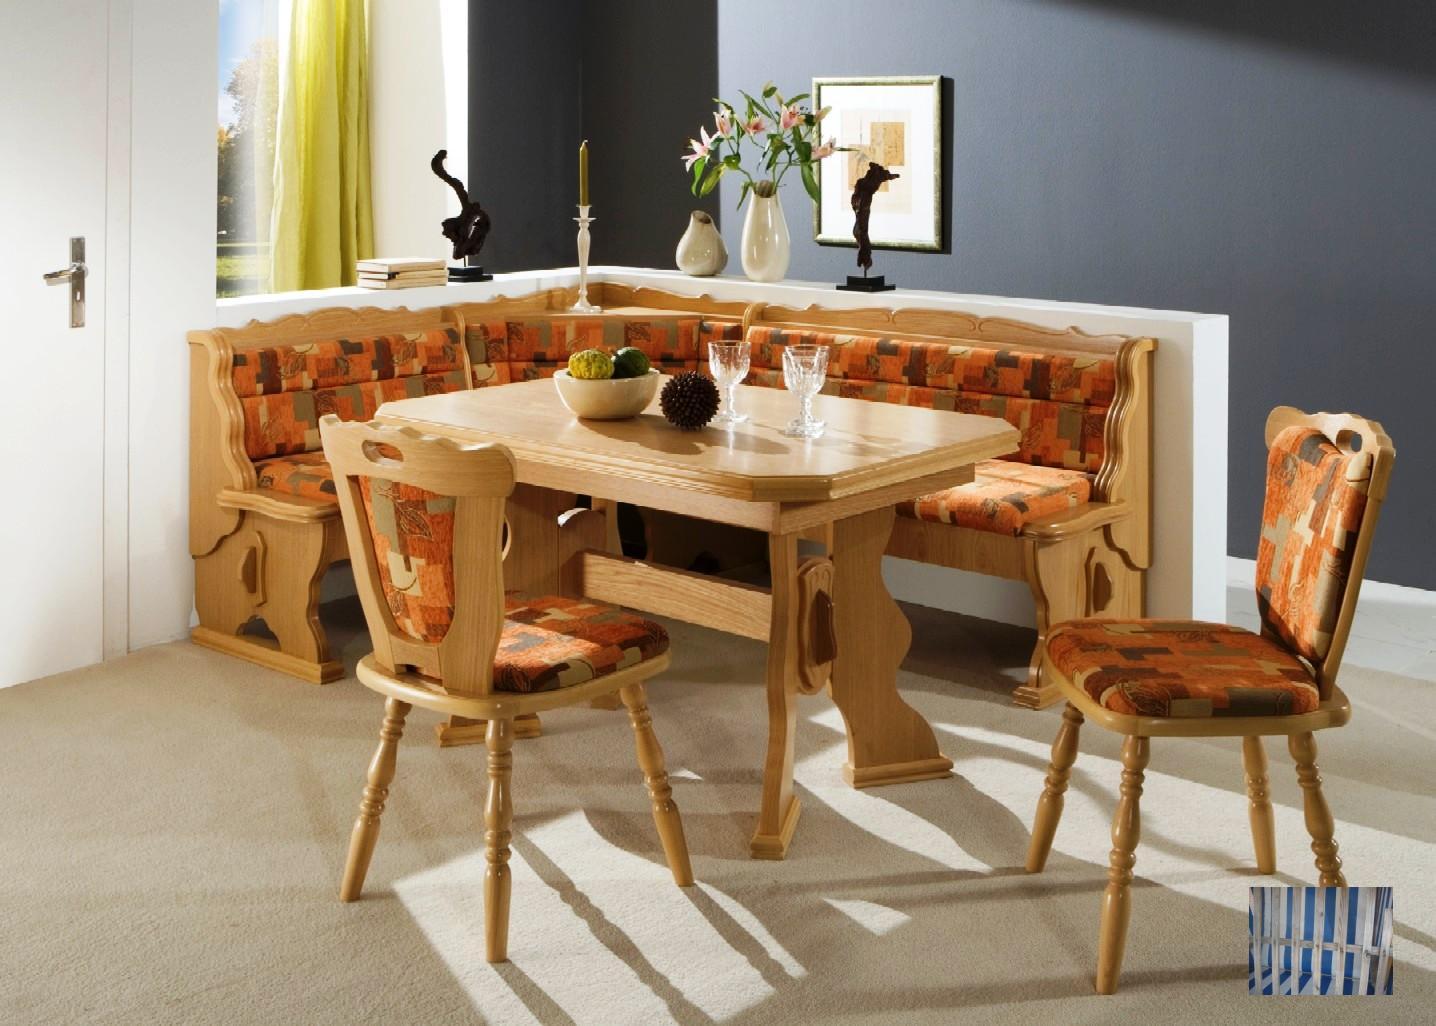 1108 dt lieferant eckbankgruppe eiche natur inkl tisch und 2 st hle. Black Bedroom Furniture Sets. Home Design Ideas